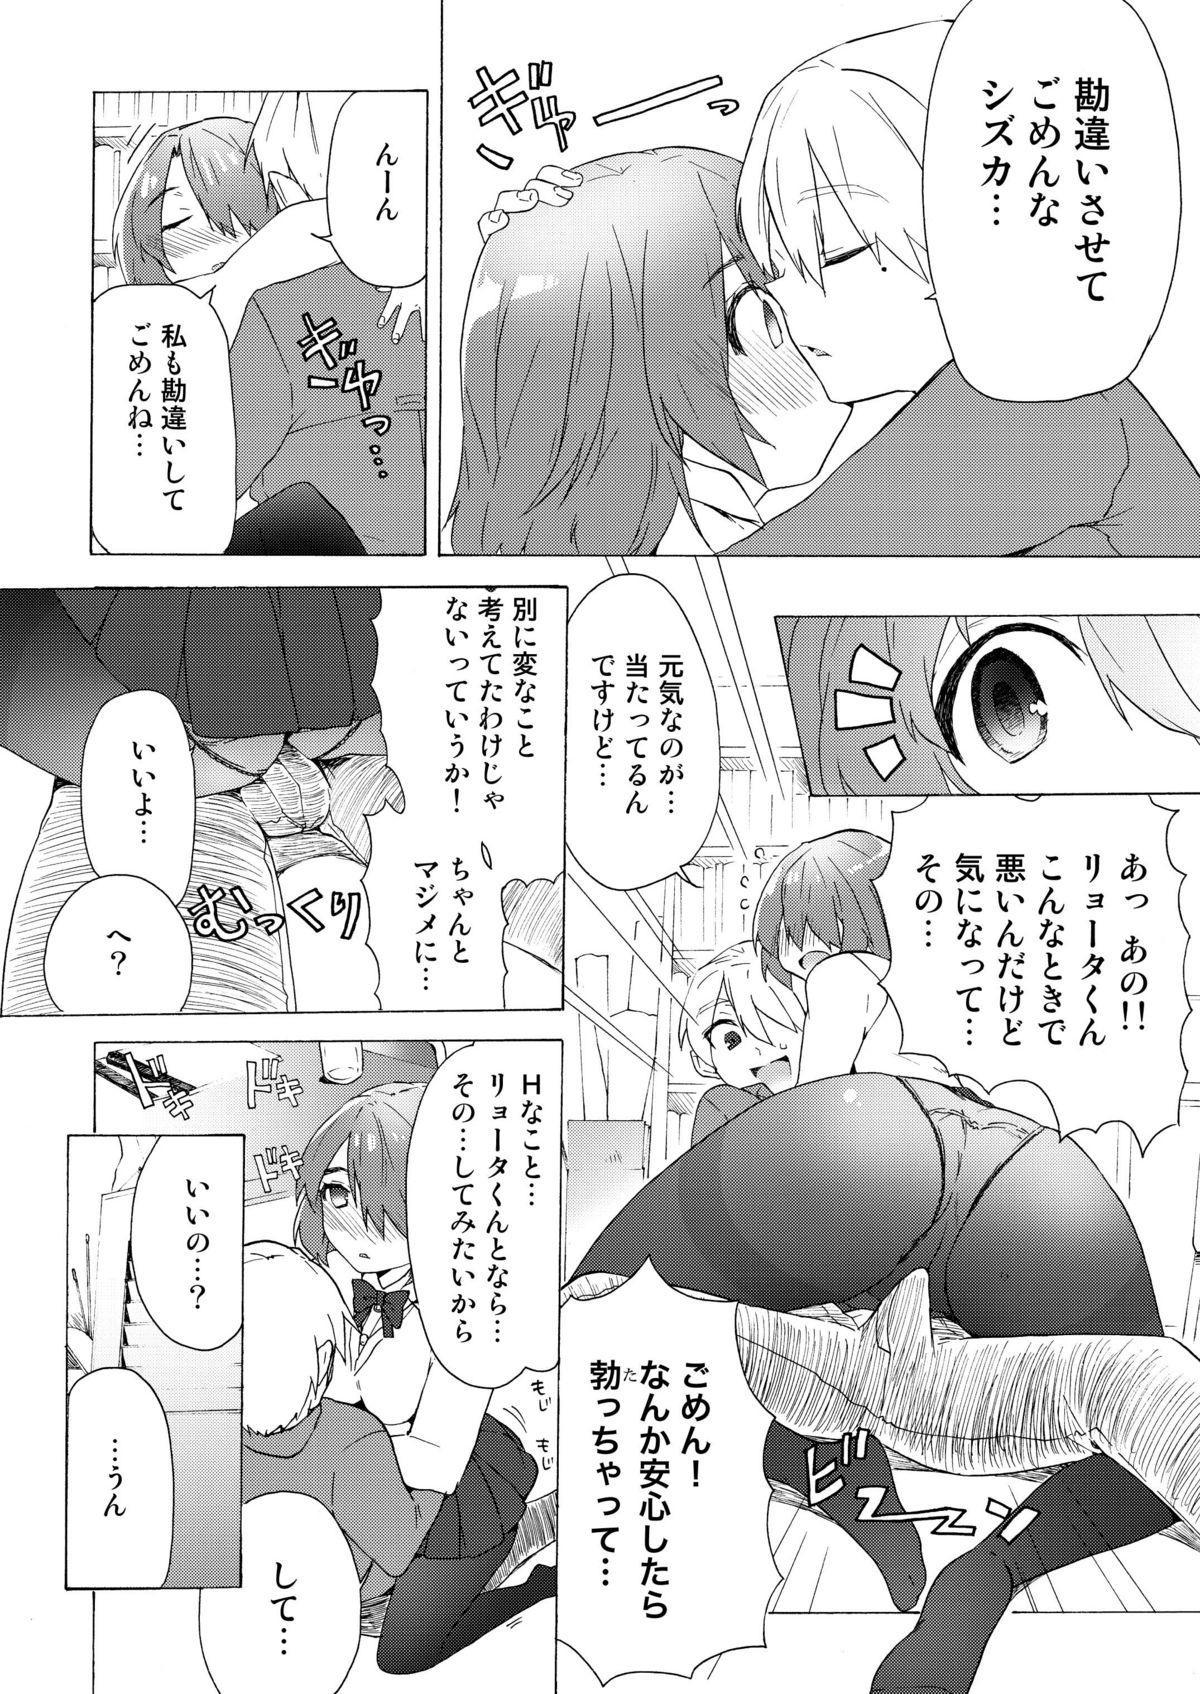 Boku no Kanojo wa Jimi 15